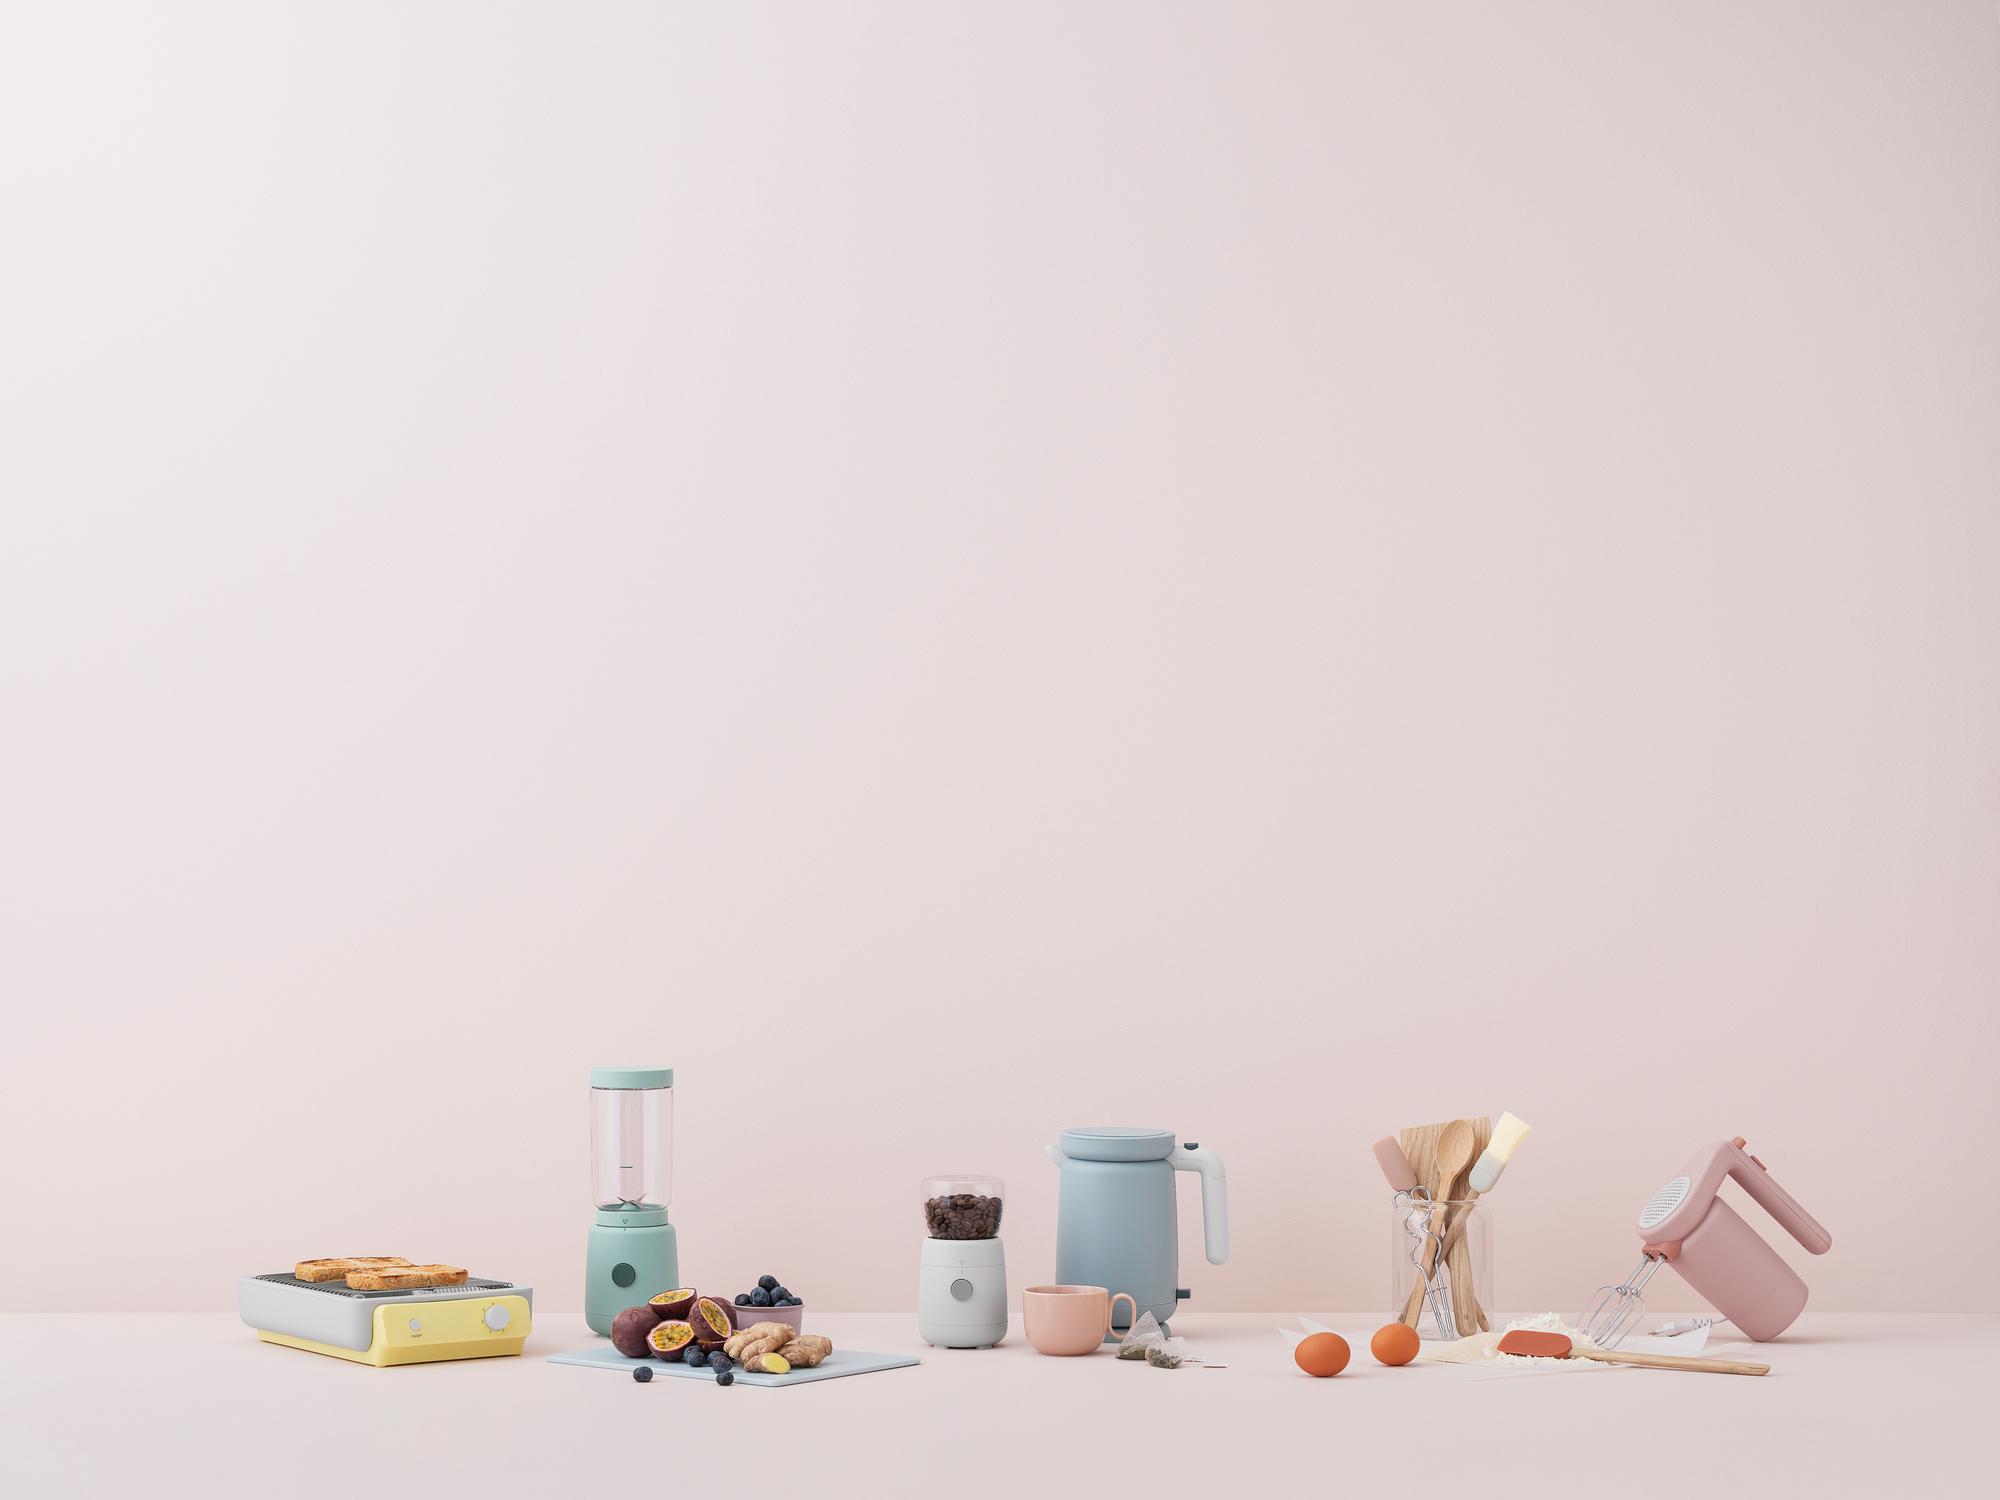 Foodie Smoothie blender Smoothie Mixer Hellgrün Stelton